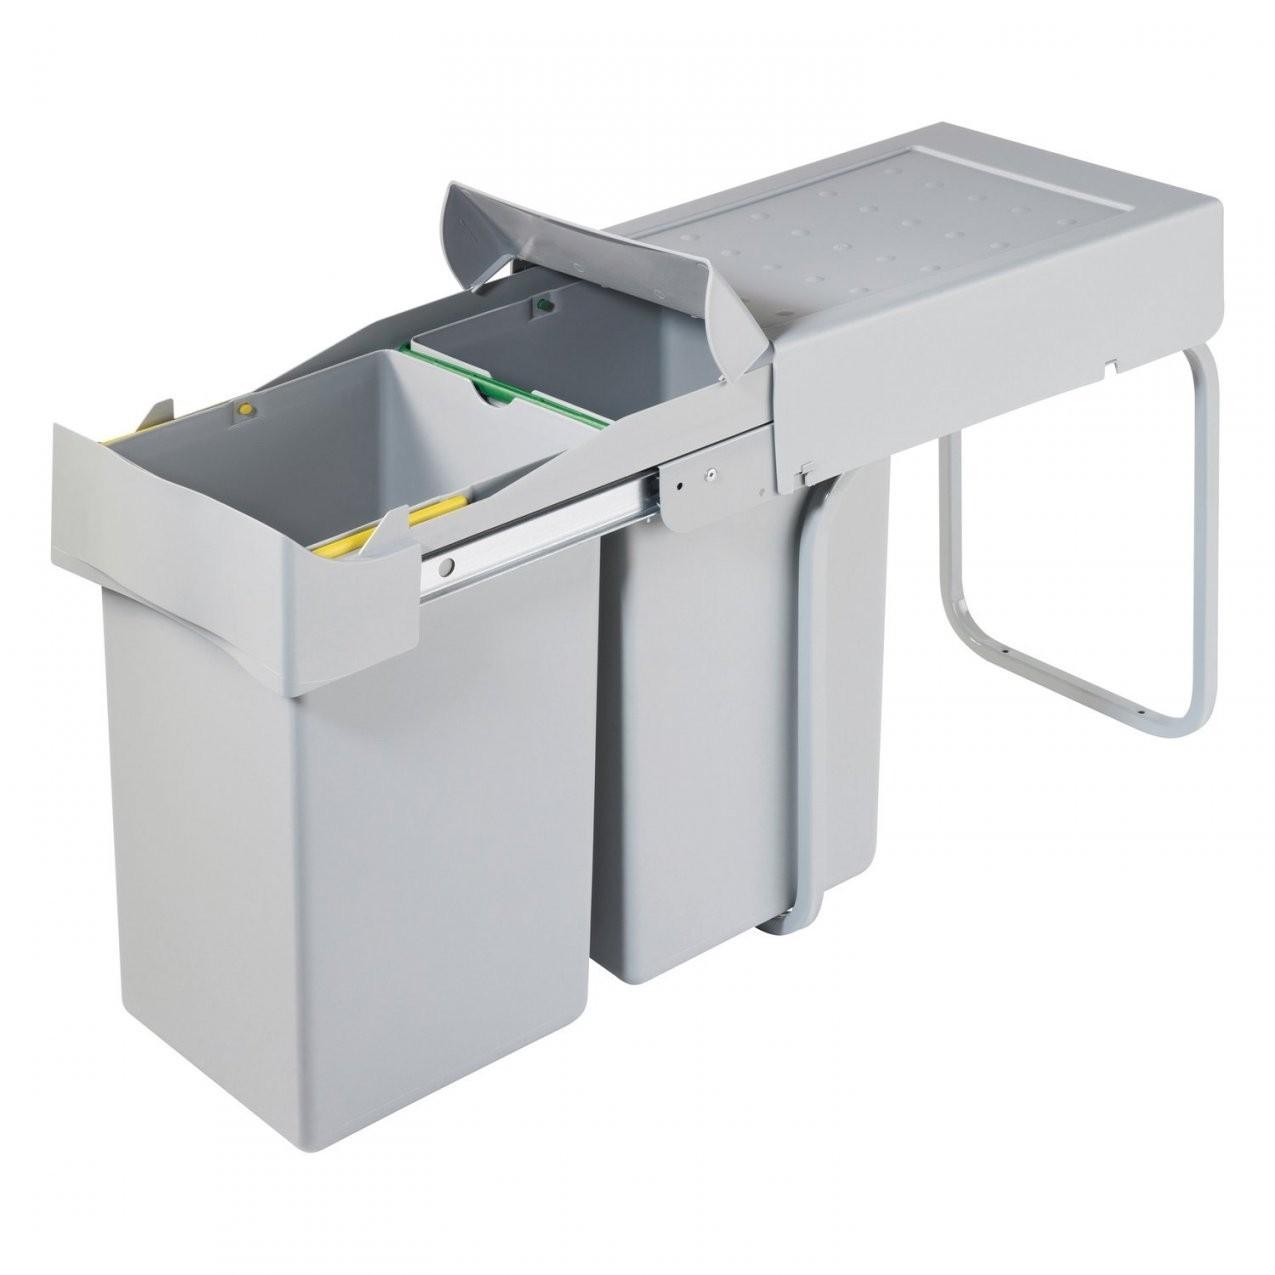 Obi Einbaumülleimer 2 X 14 L Kaufen Bei Obi von Mülleimer Küche Automatischer Auszug Photo